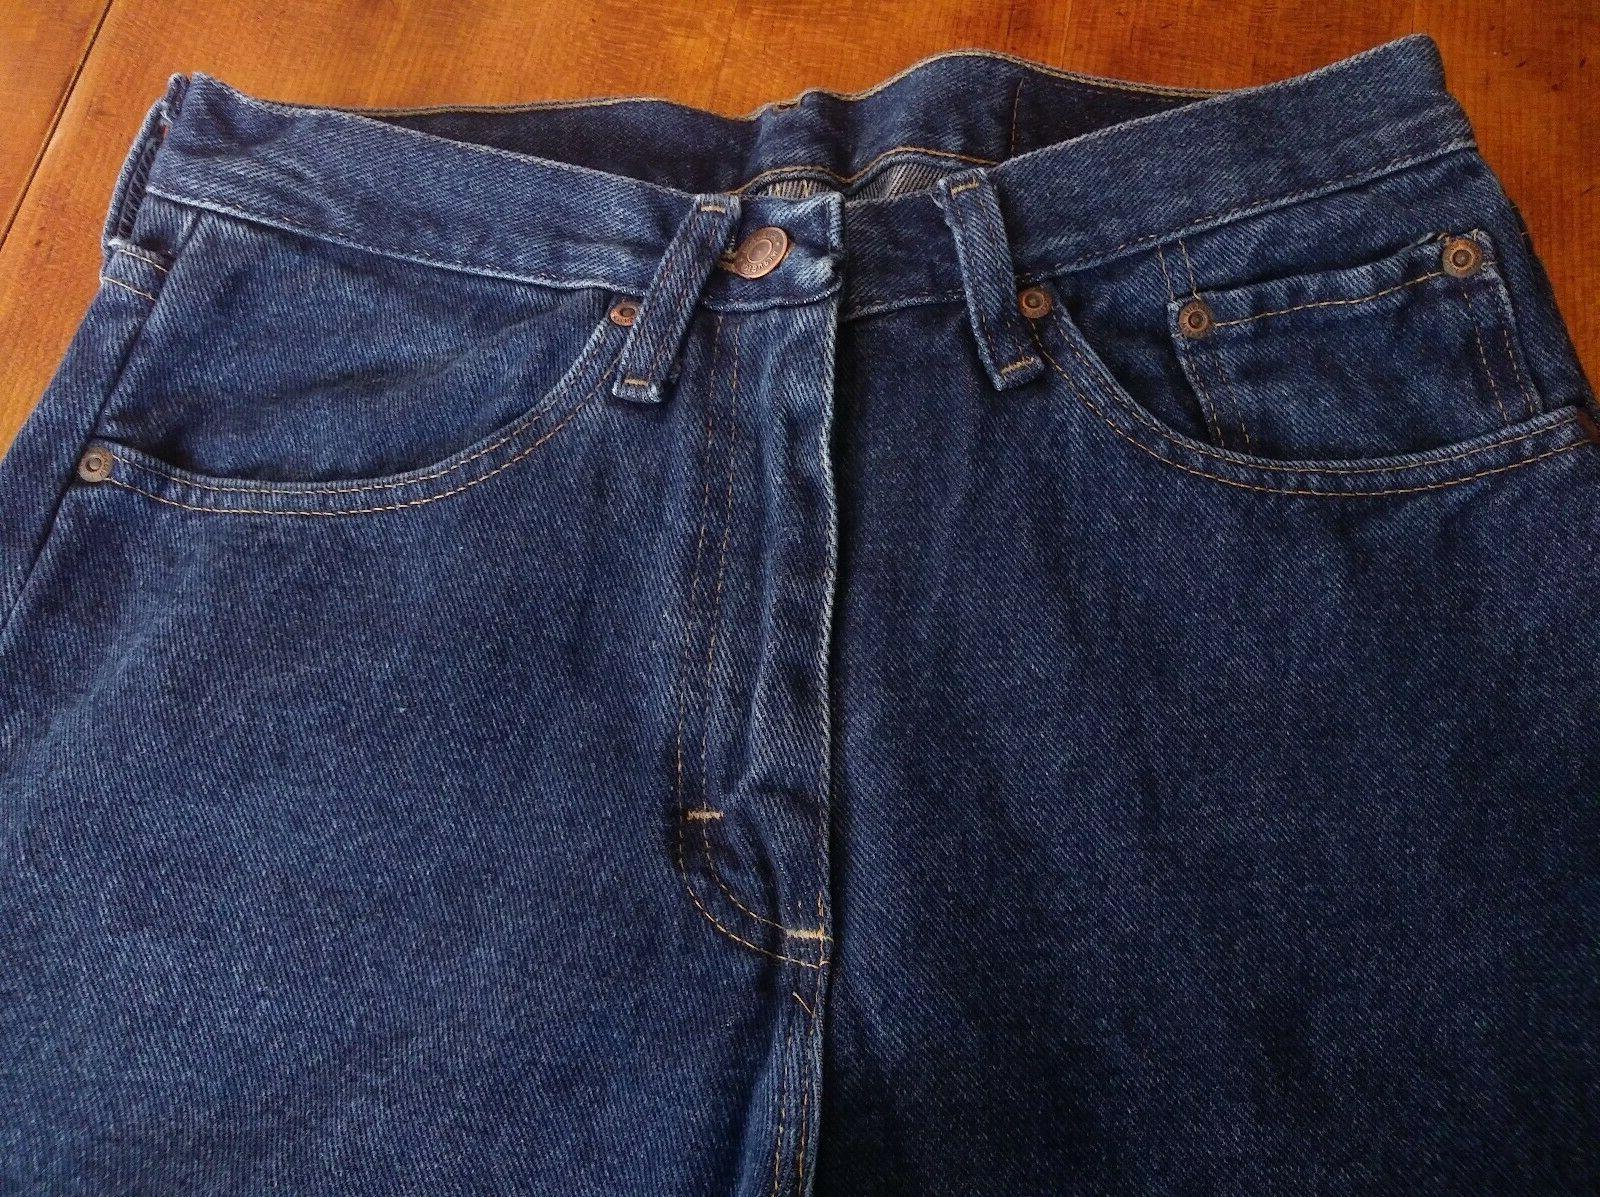 New Five premium Regular Jeans indigo